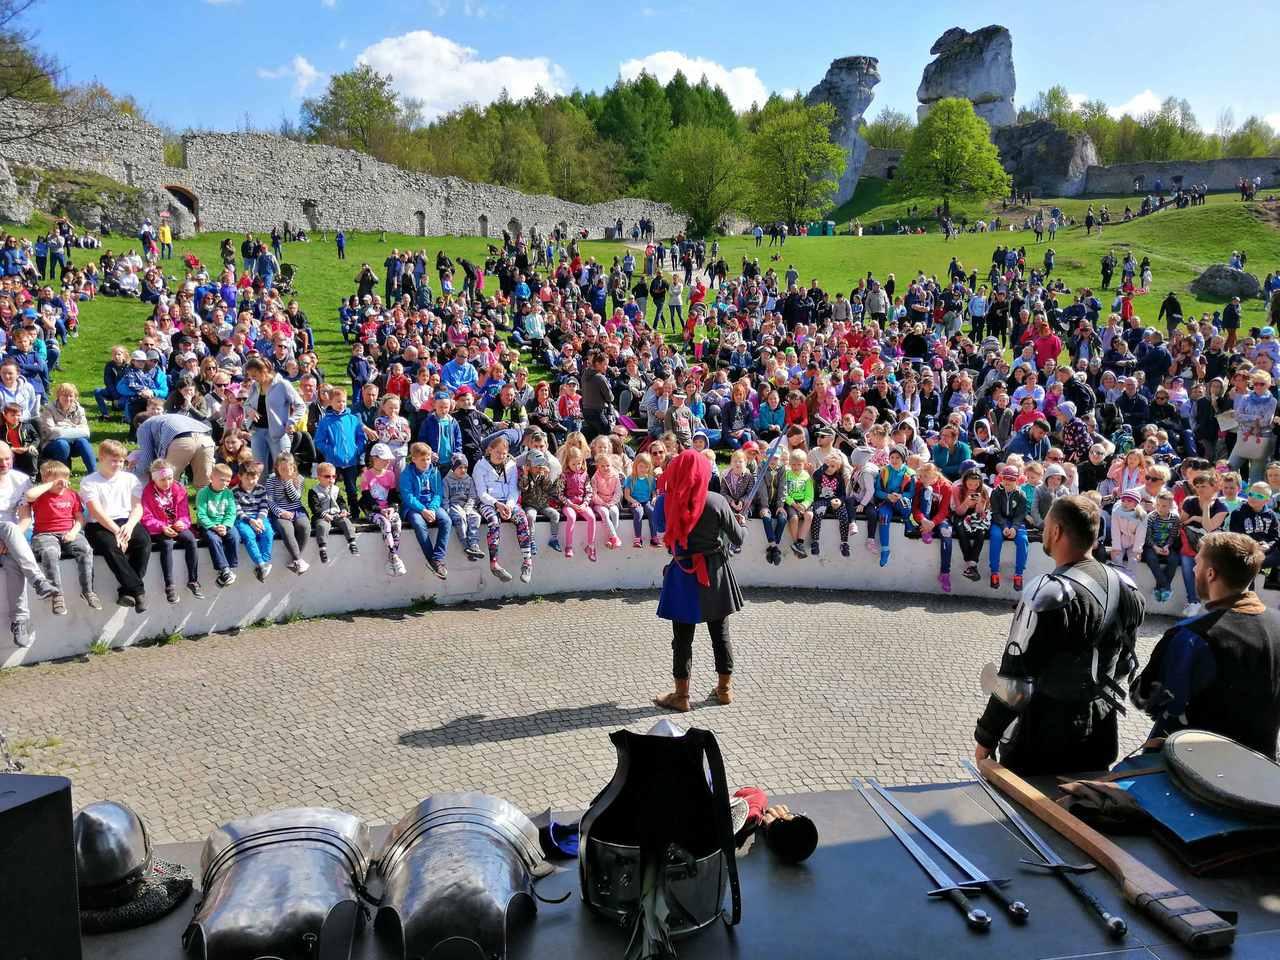 rycerz w stroju średniowiecznym podczas historycznej imprezy prezentuje się przed publicznością na scenie